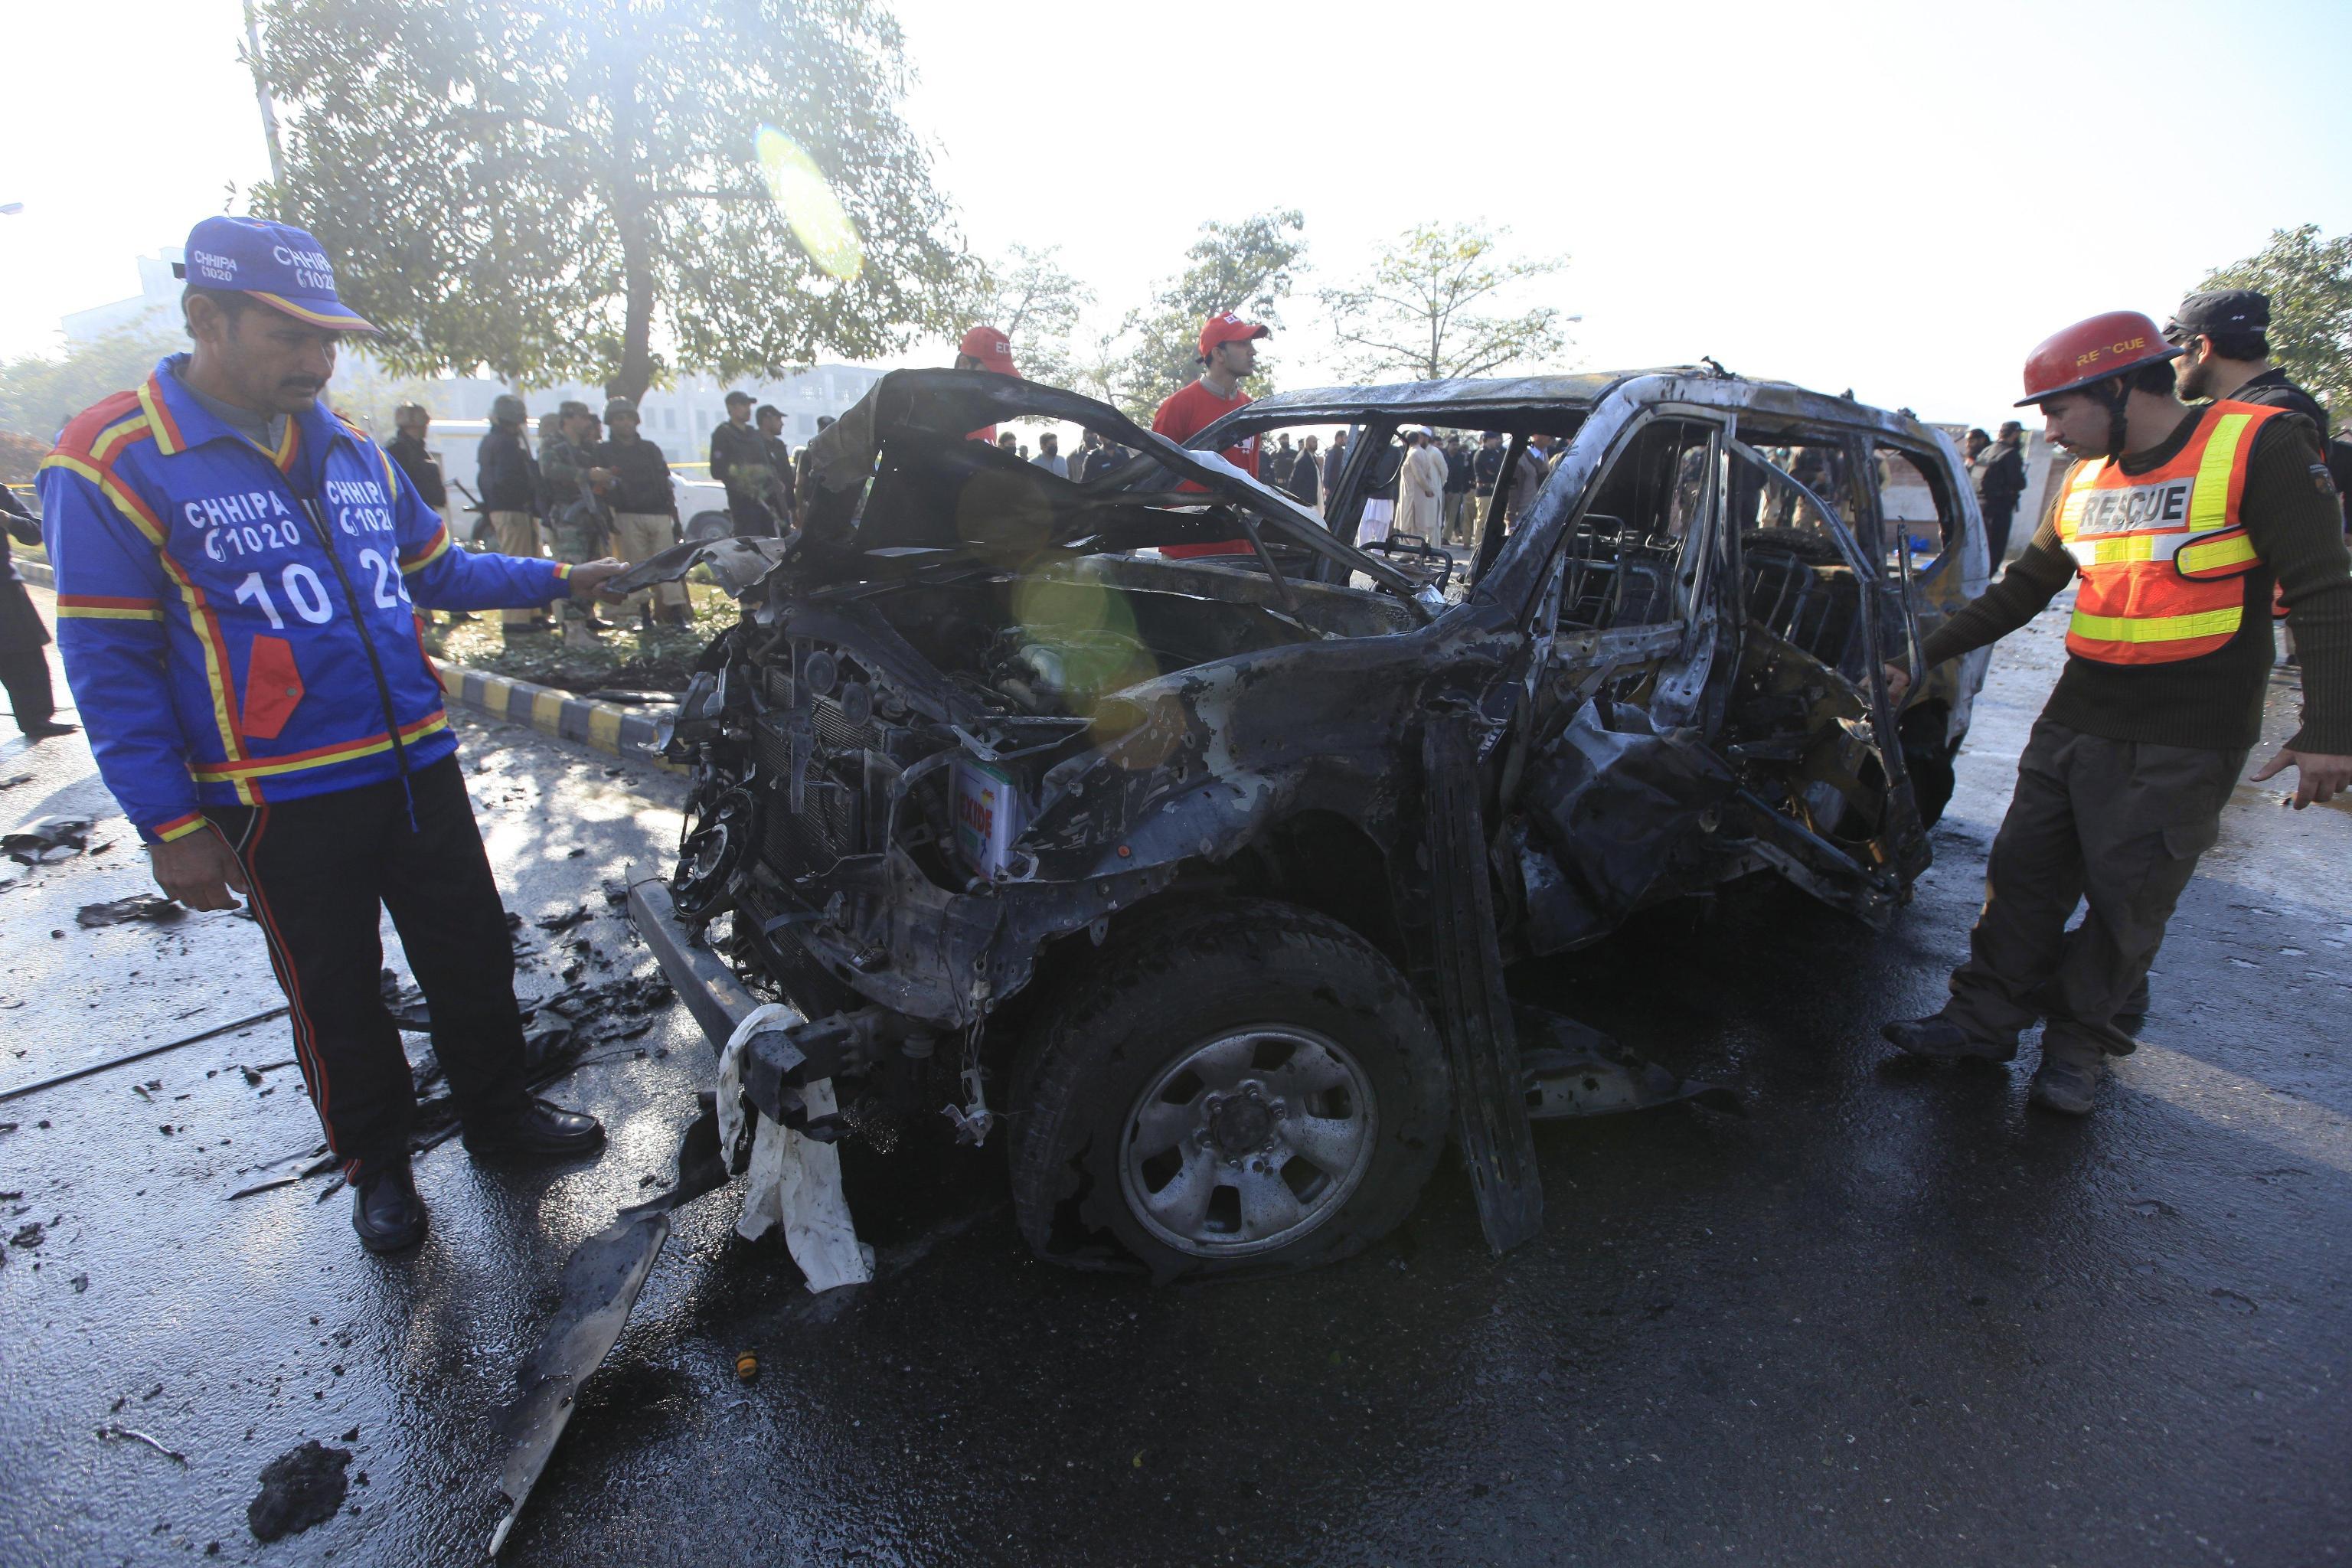 Tre persone hanno perso la vita nell'attentato: un ufficiale di polizia e due suoi aiutanti